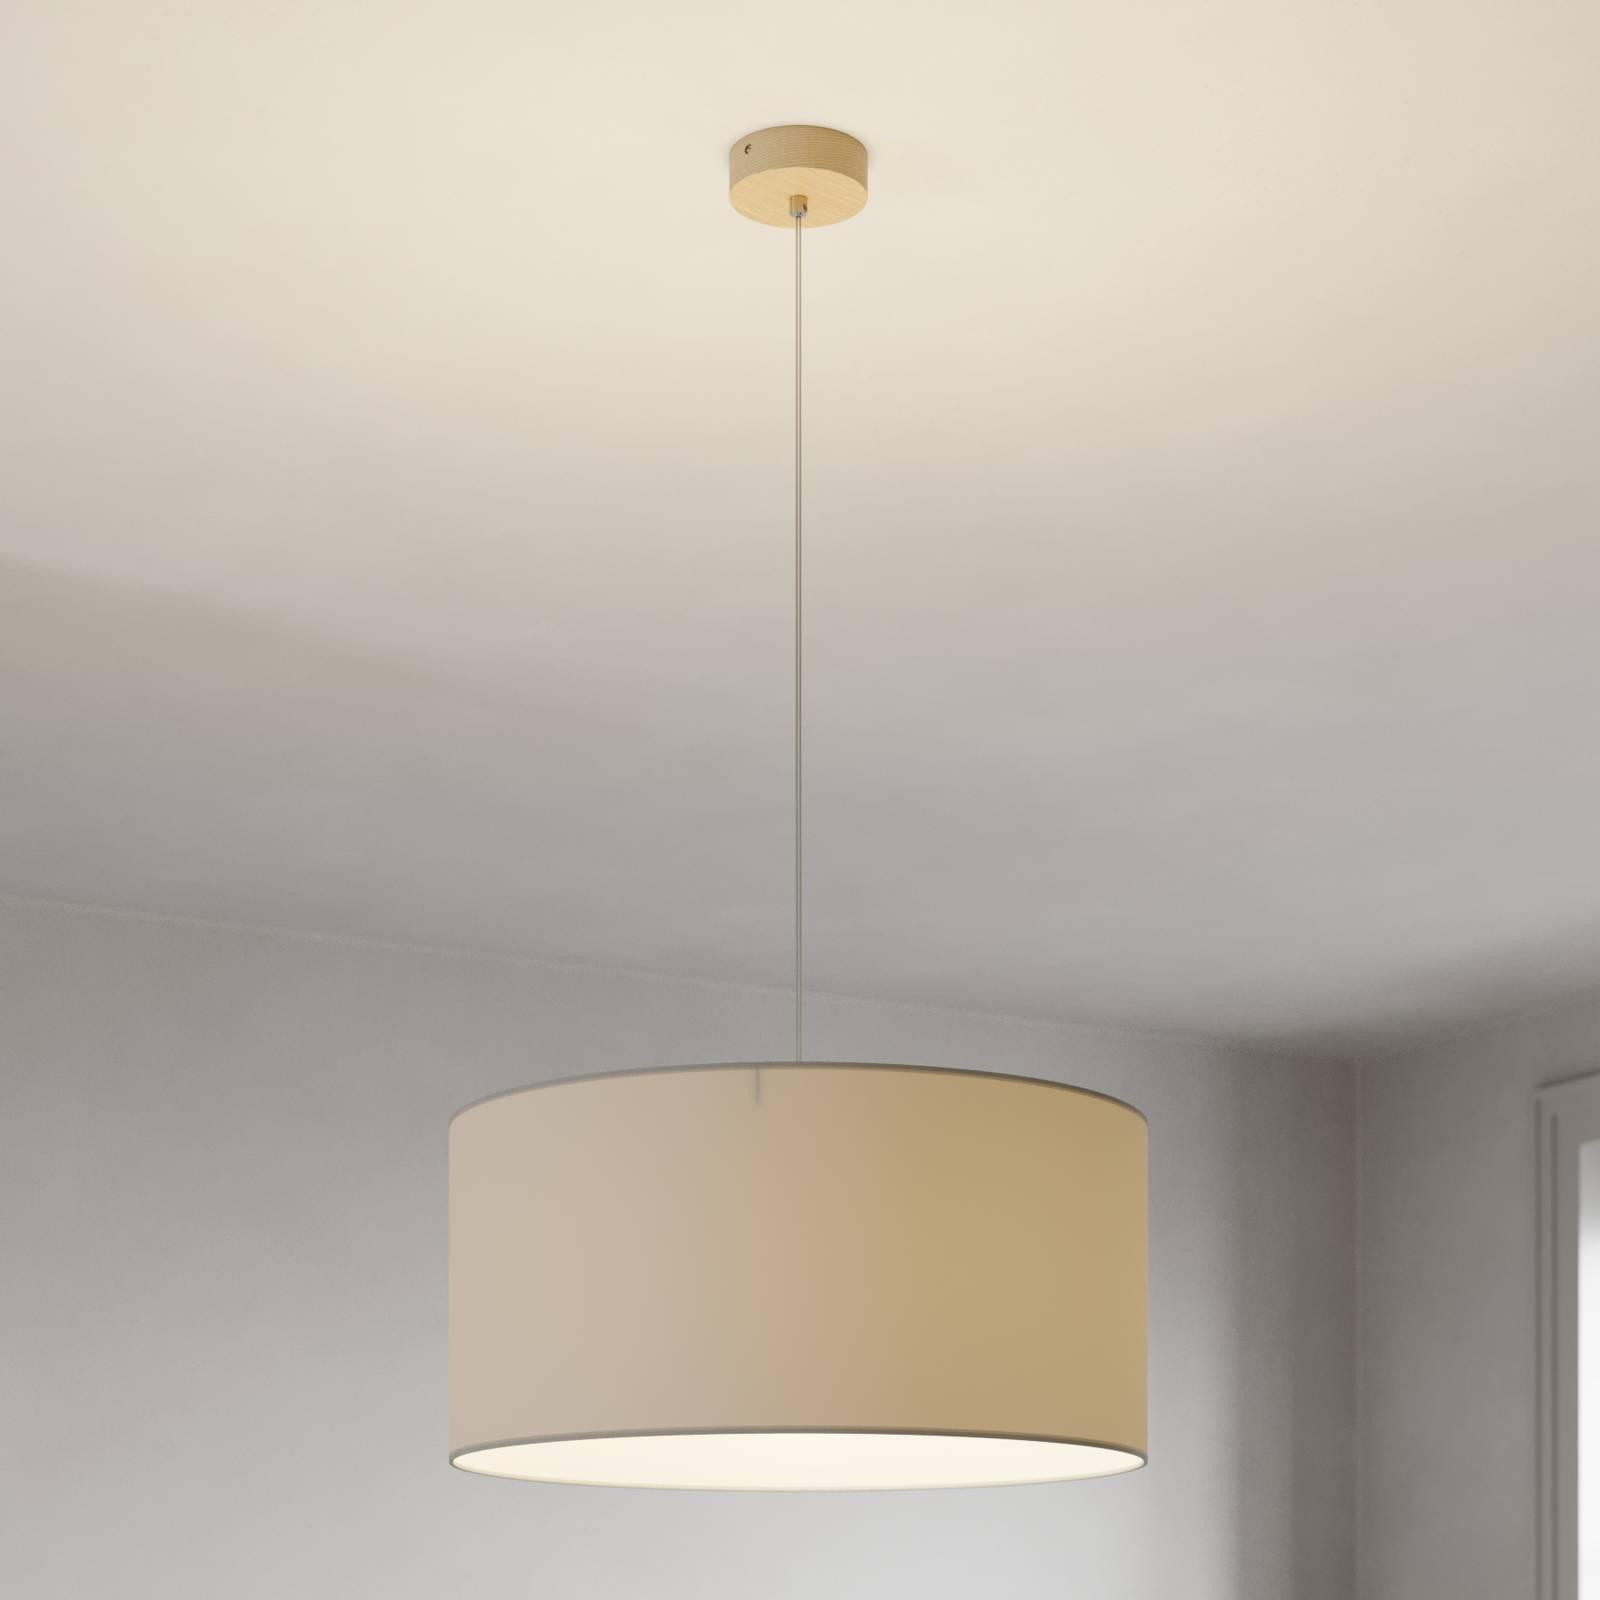 Lampada sospensione Corralee, grigio, 1 luce